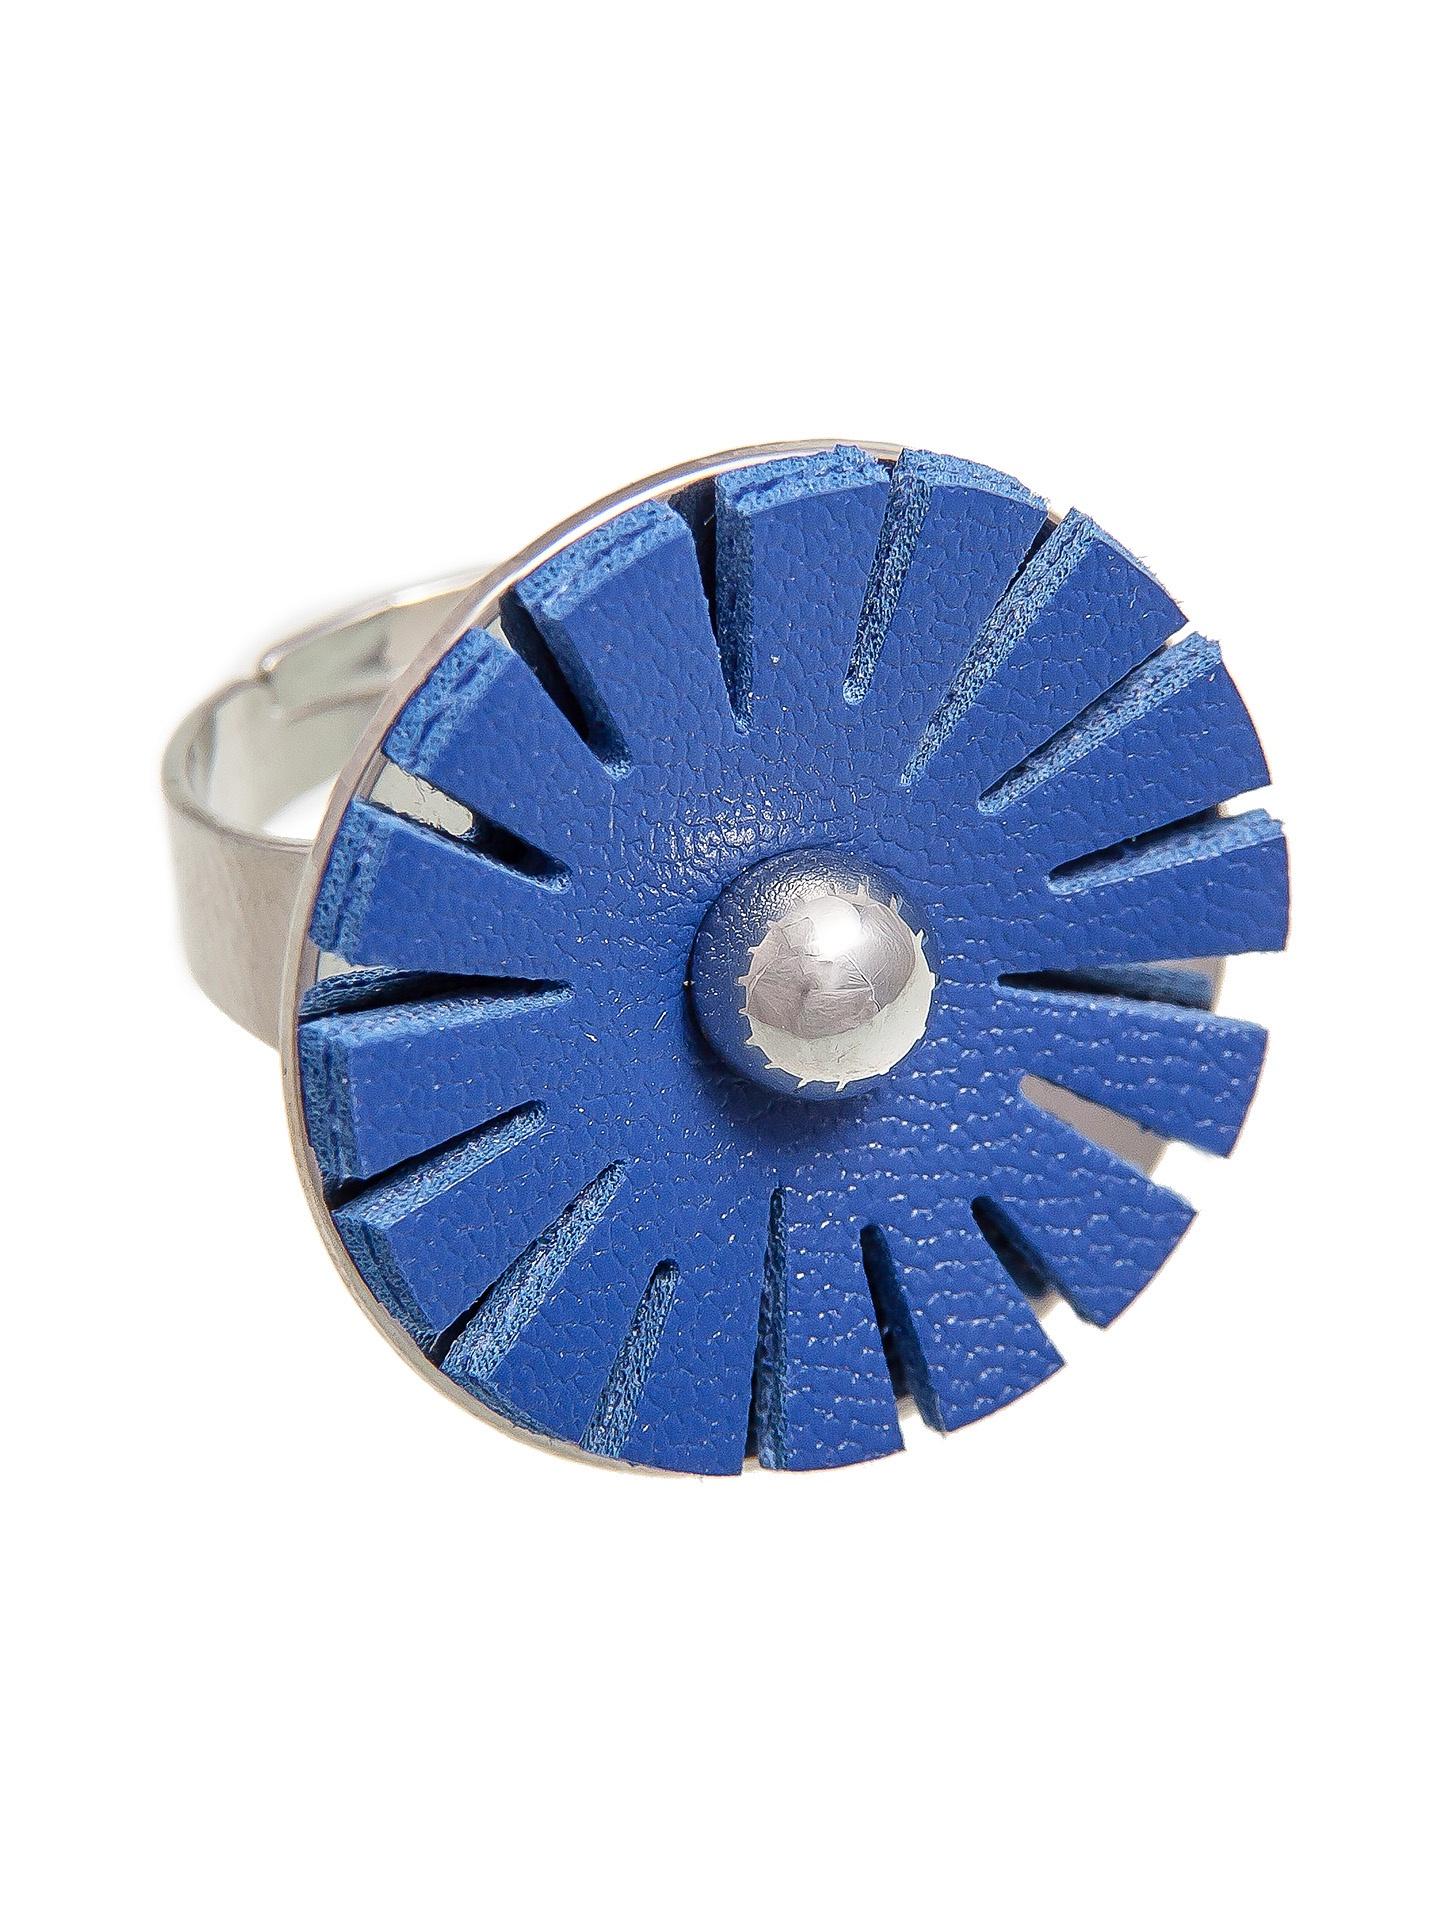 Кольцо бижутерное Aiyony Macie KLC904009R904009Размер регулируется от 18 до 20. Состав: сплав на основе латуни, искуственная кожа